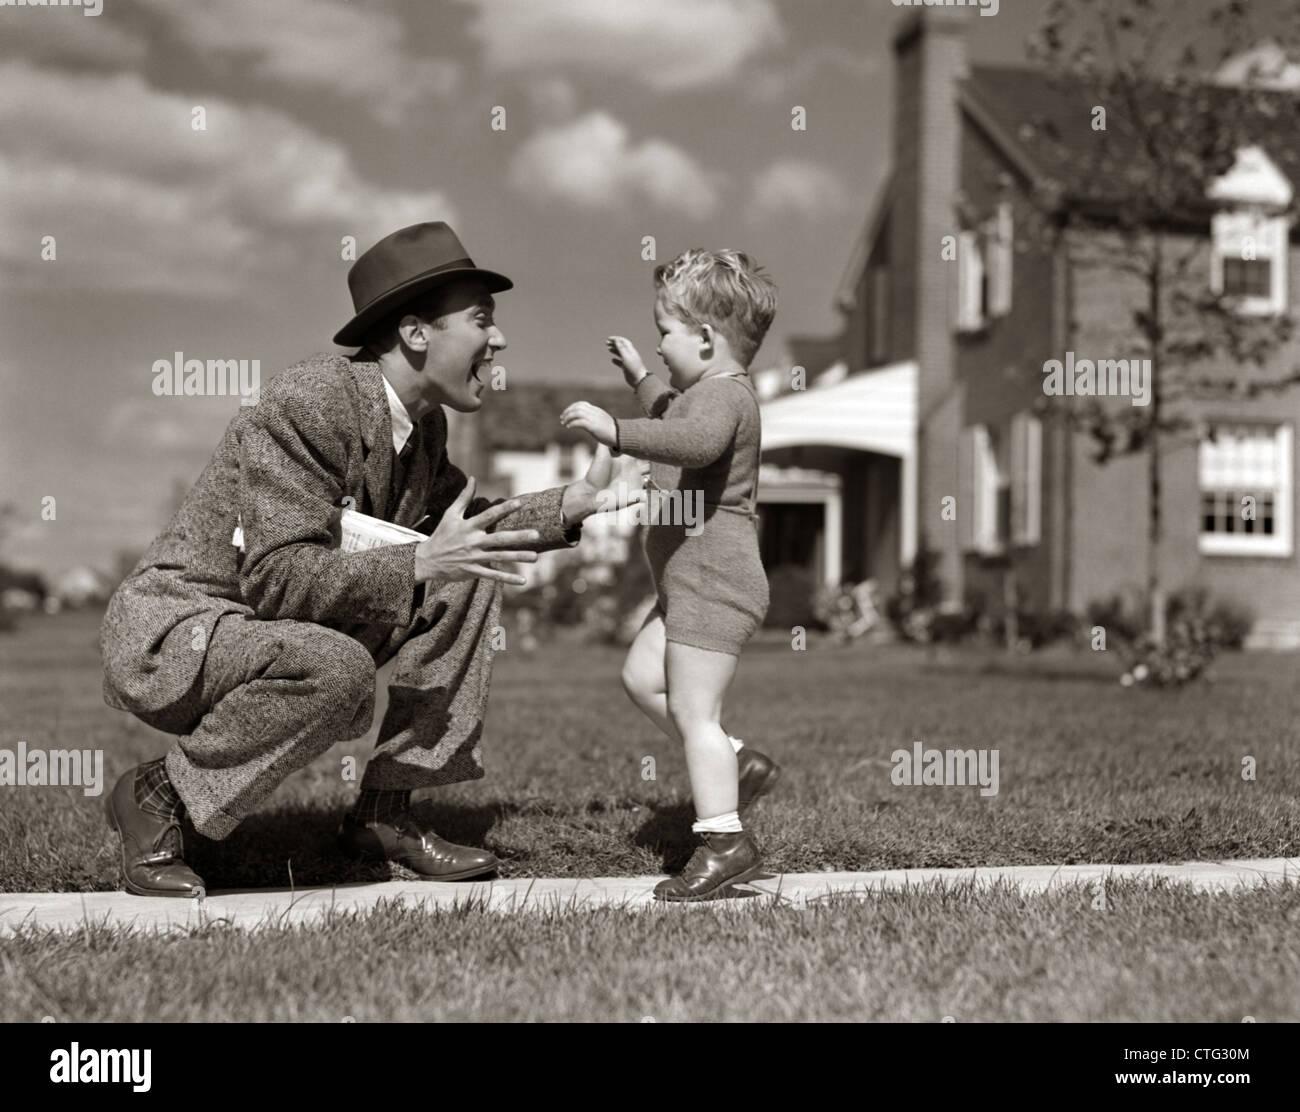 1940 PÈRE FILS DE SOUHAITS COURIR VERS LUI SUR LE TROTTOIR Photo Stock